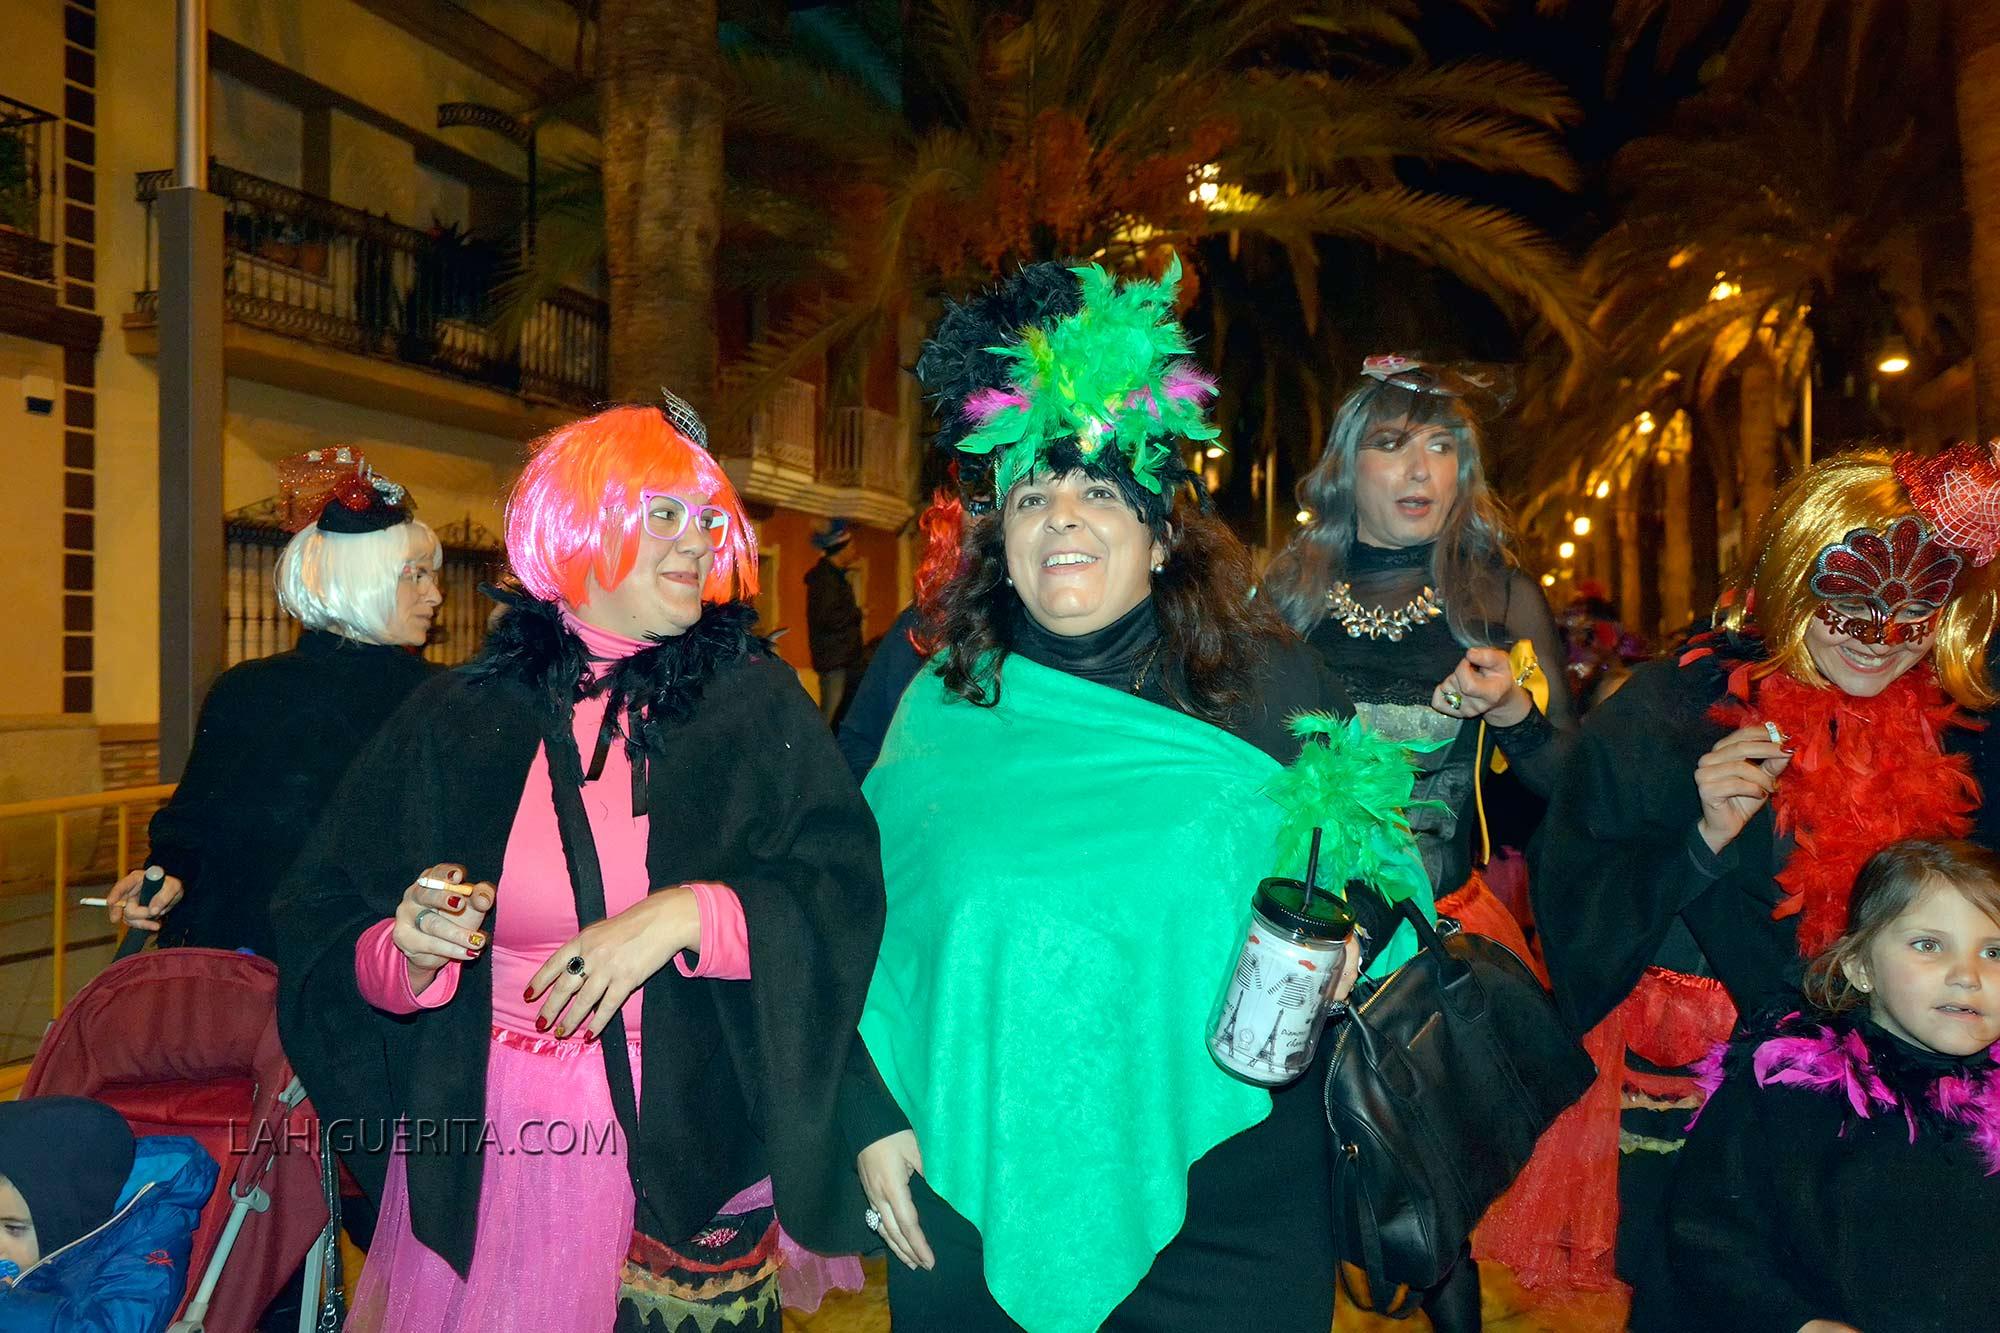 Entierro de la sardina carnaval isla cristina _DSC2193